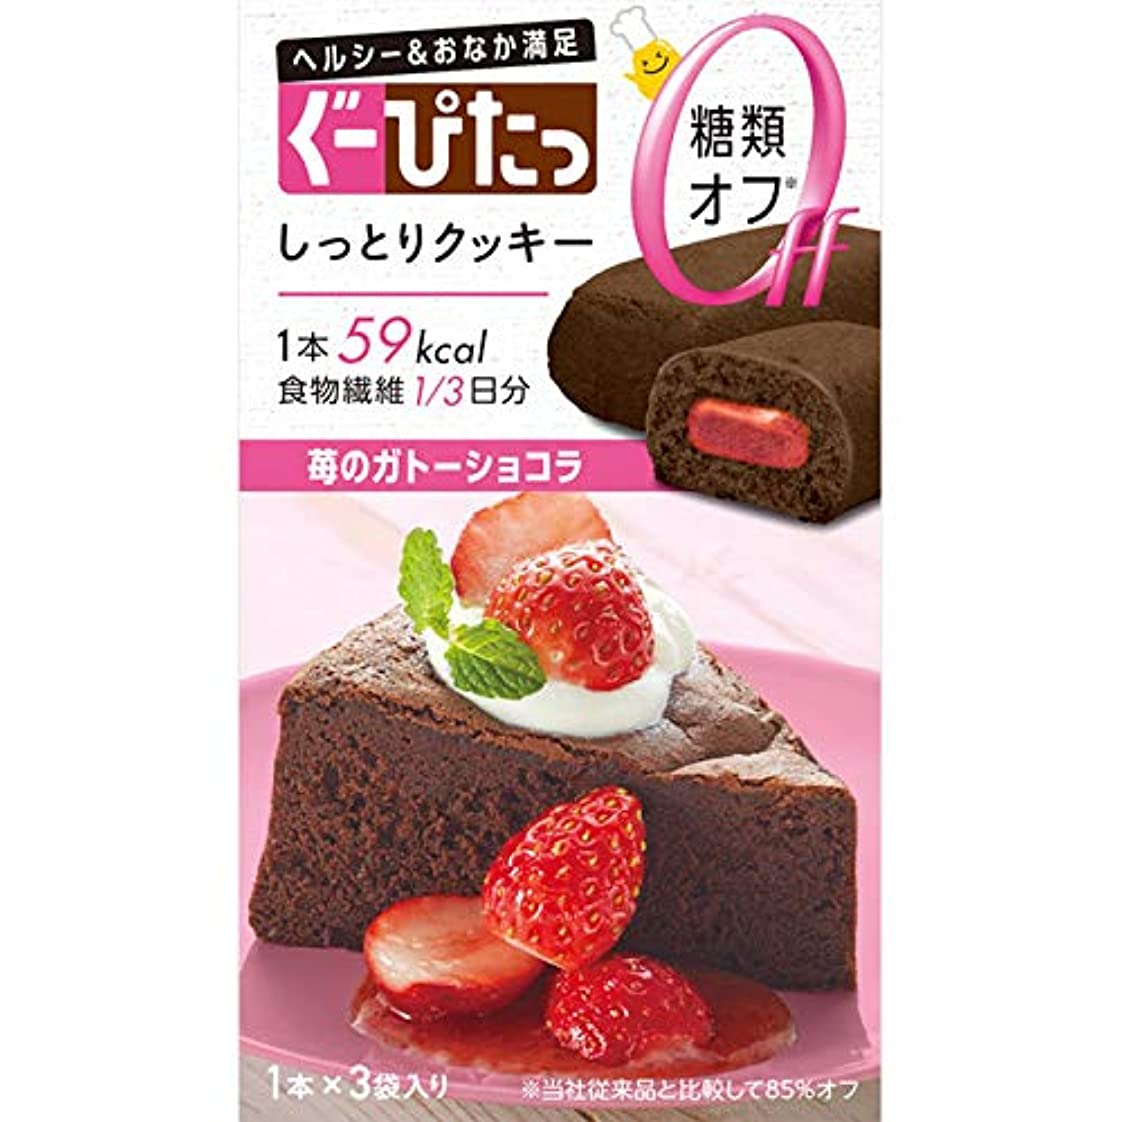 インゲンマッシュ積極的にナリスアップ ぐーぴたっ しっとりクッキー 苺のガトーショコラ (3本) ダイエット食品